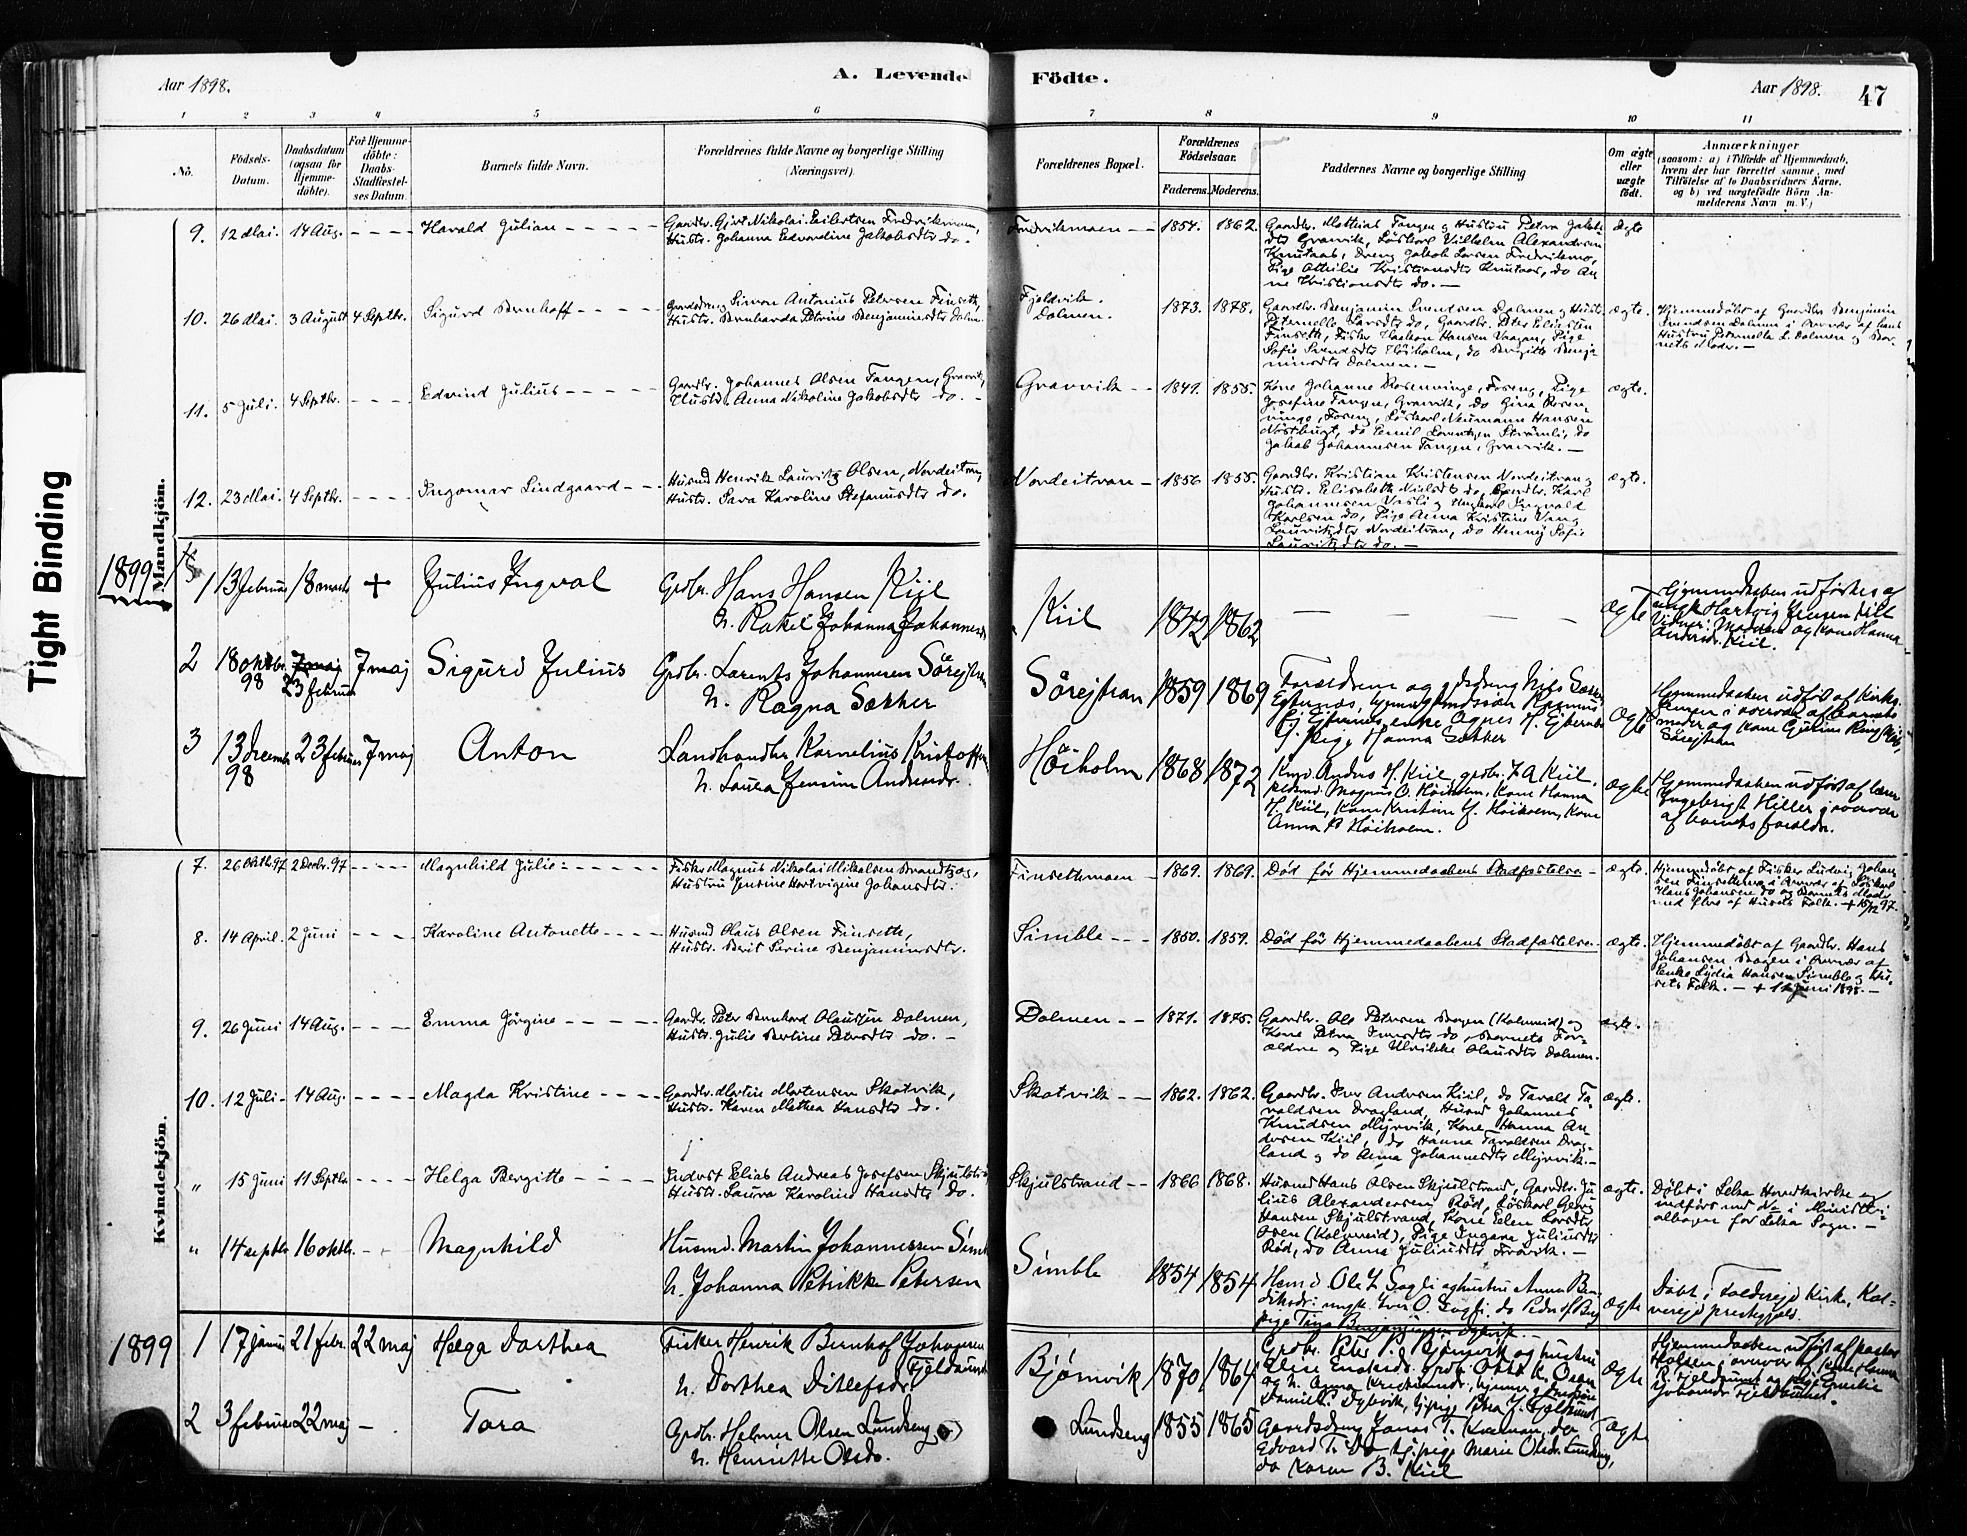 SAT, Ministerialprotokoller, klokkerbøker og fødselsregistre - Nord-Trøndelag, 789/L0705: Ministerialbok nr. 789A01, 1878-1910, s. 47